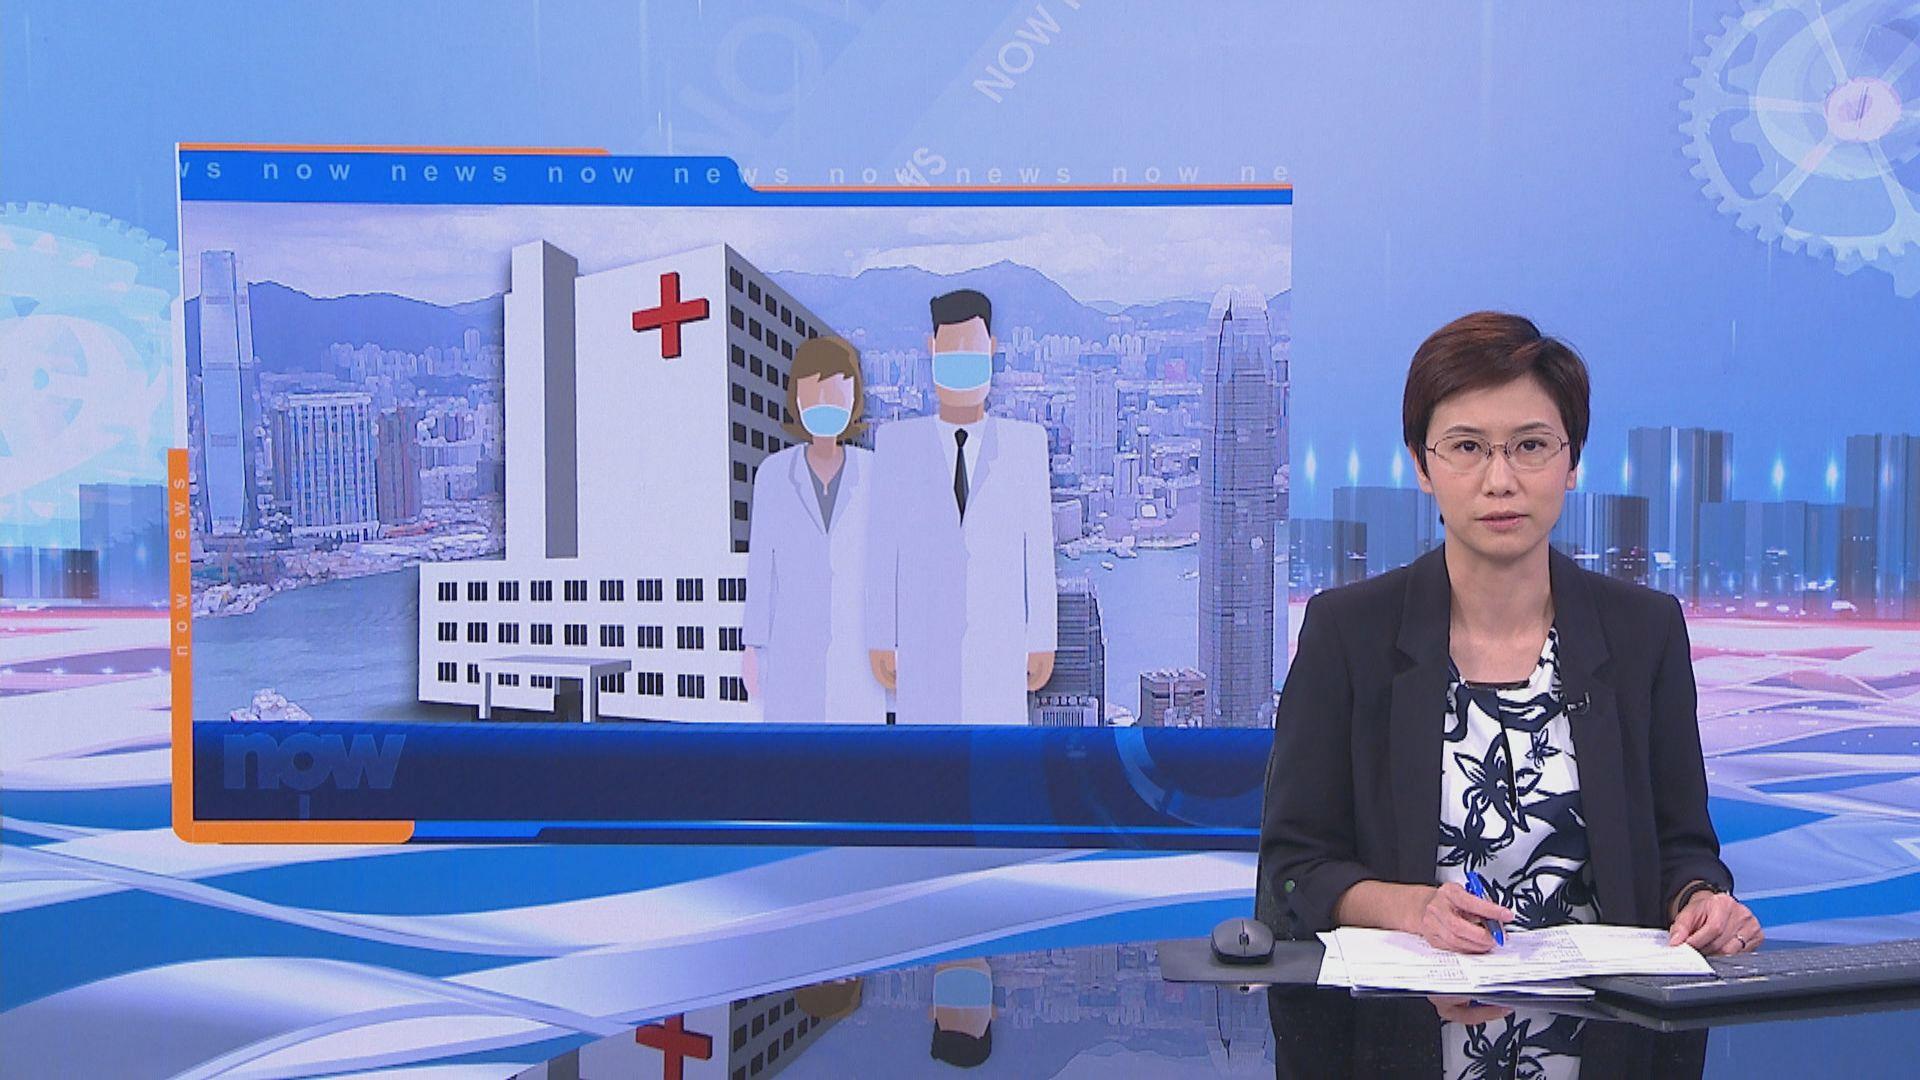 醫護指醫院防護裝備供應緊張 部分人自行購買升級裝備